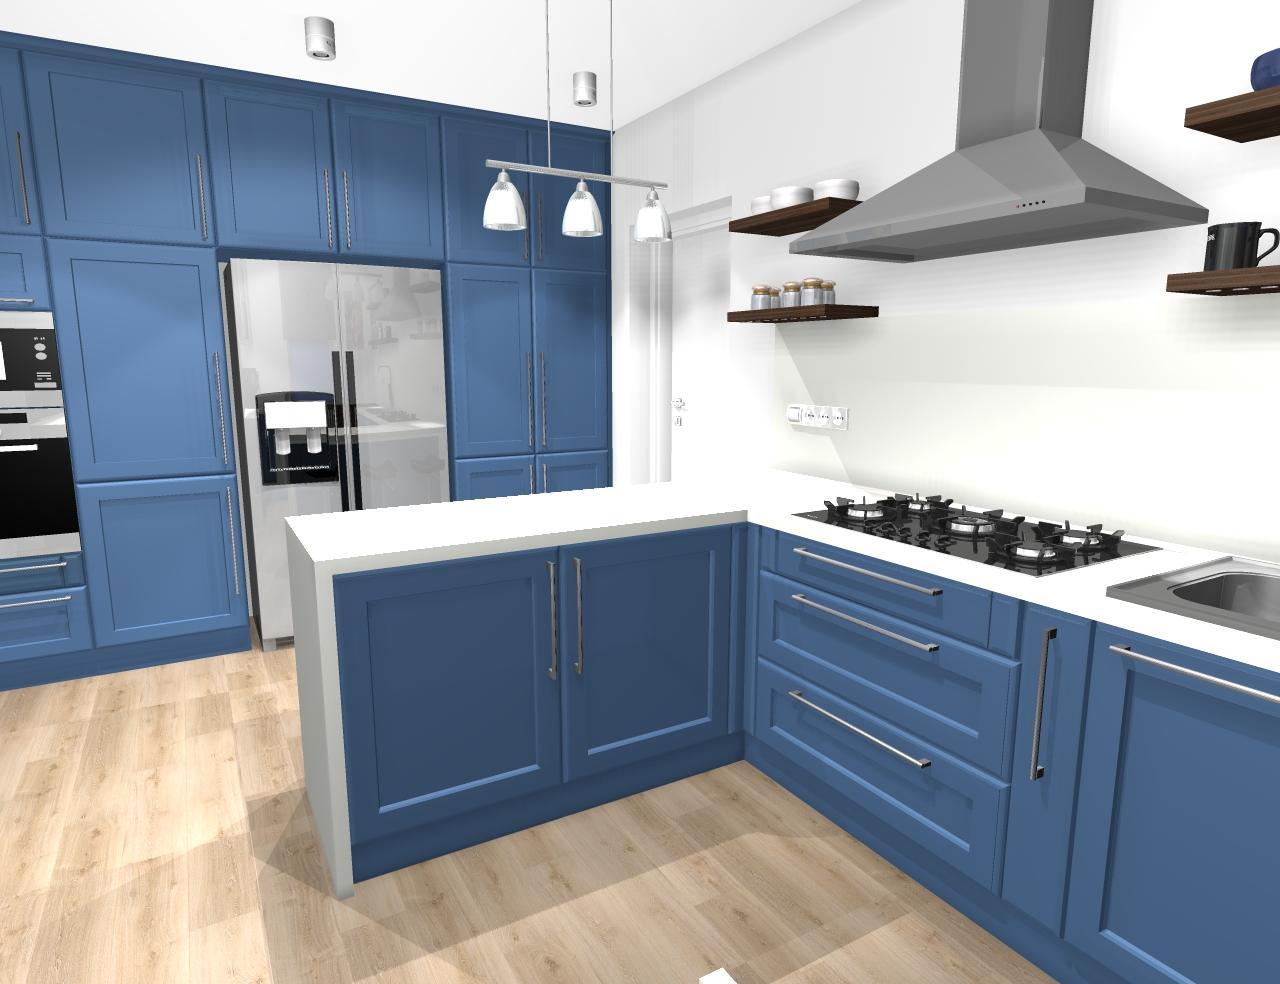 Grafické návrhy kuchynských liniek 2020 - Grafický návrh kuchynskej linky do rodinného domu vo Svätom Antone - obr.4